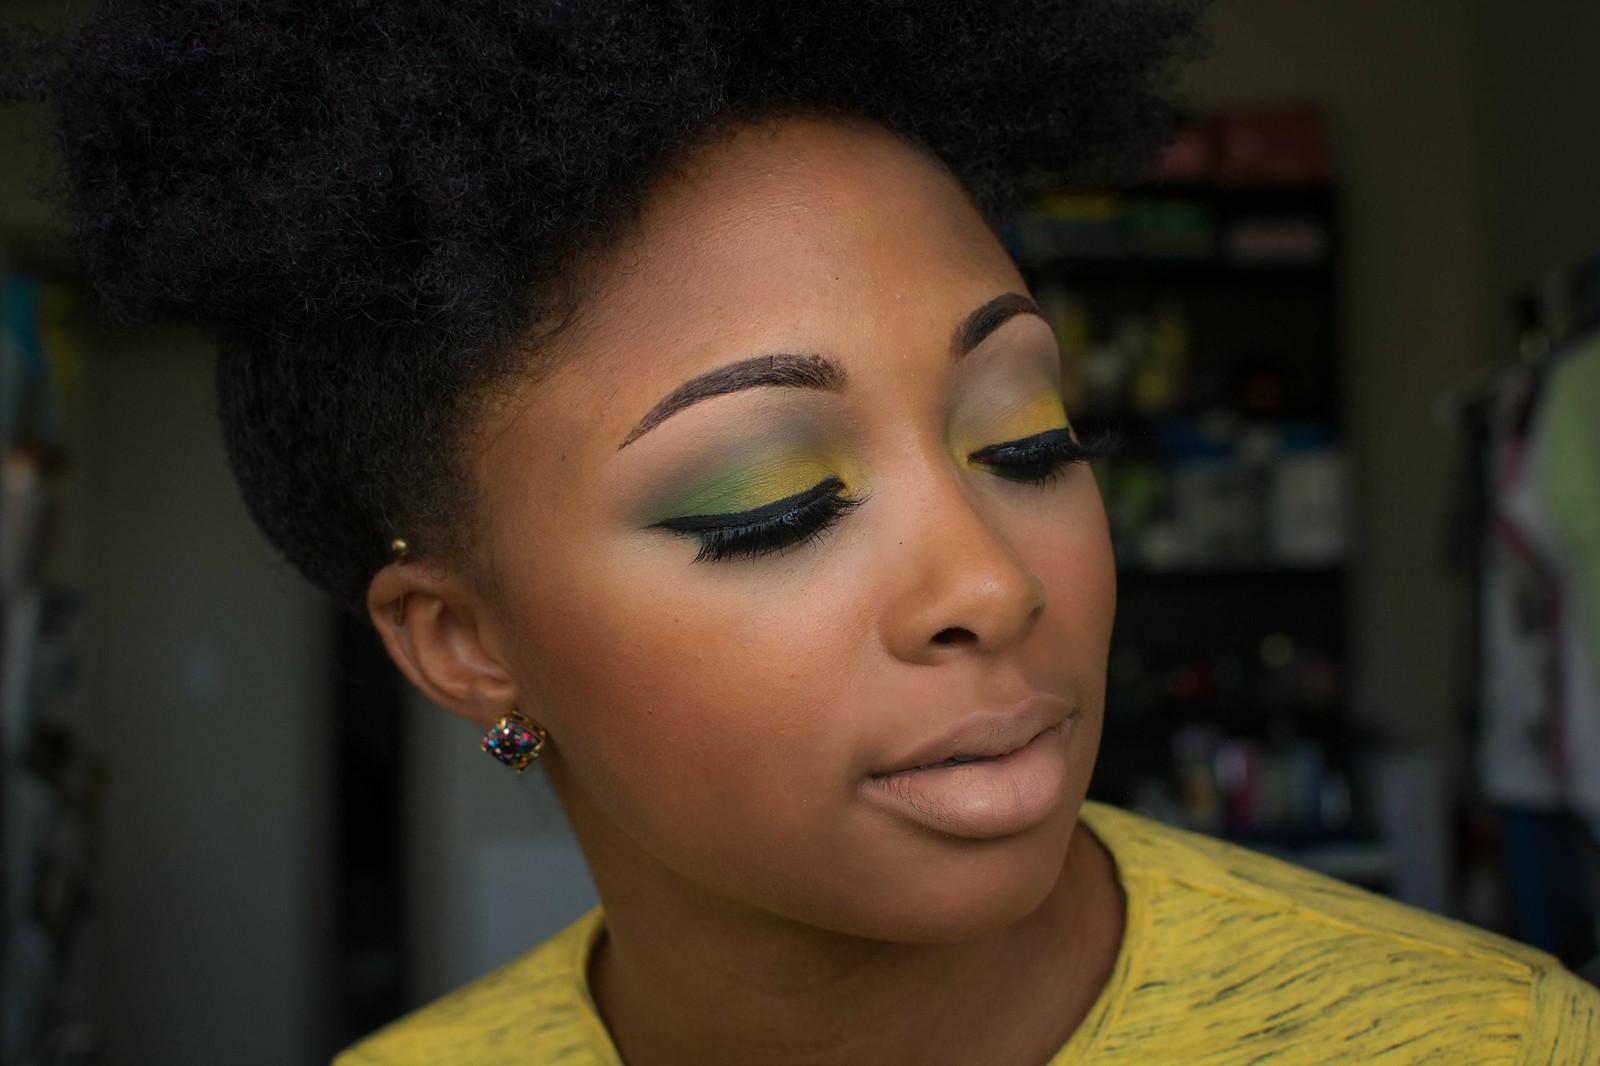 how to wear false eye lashes